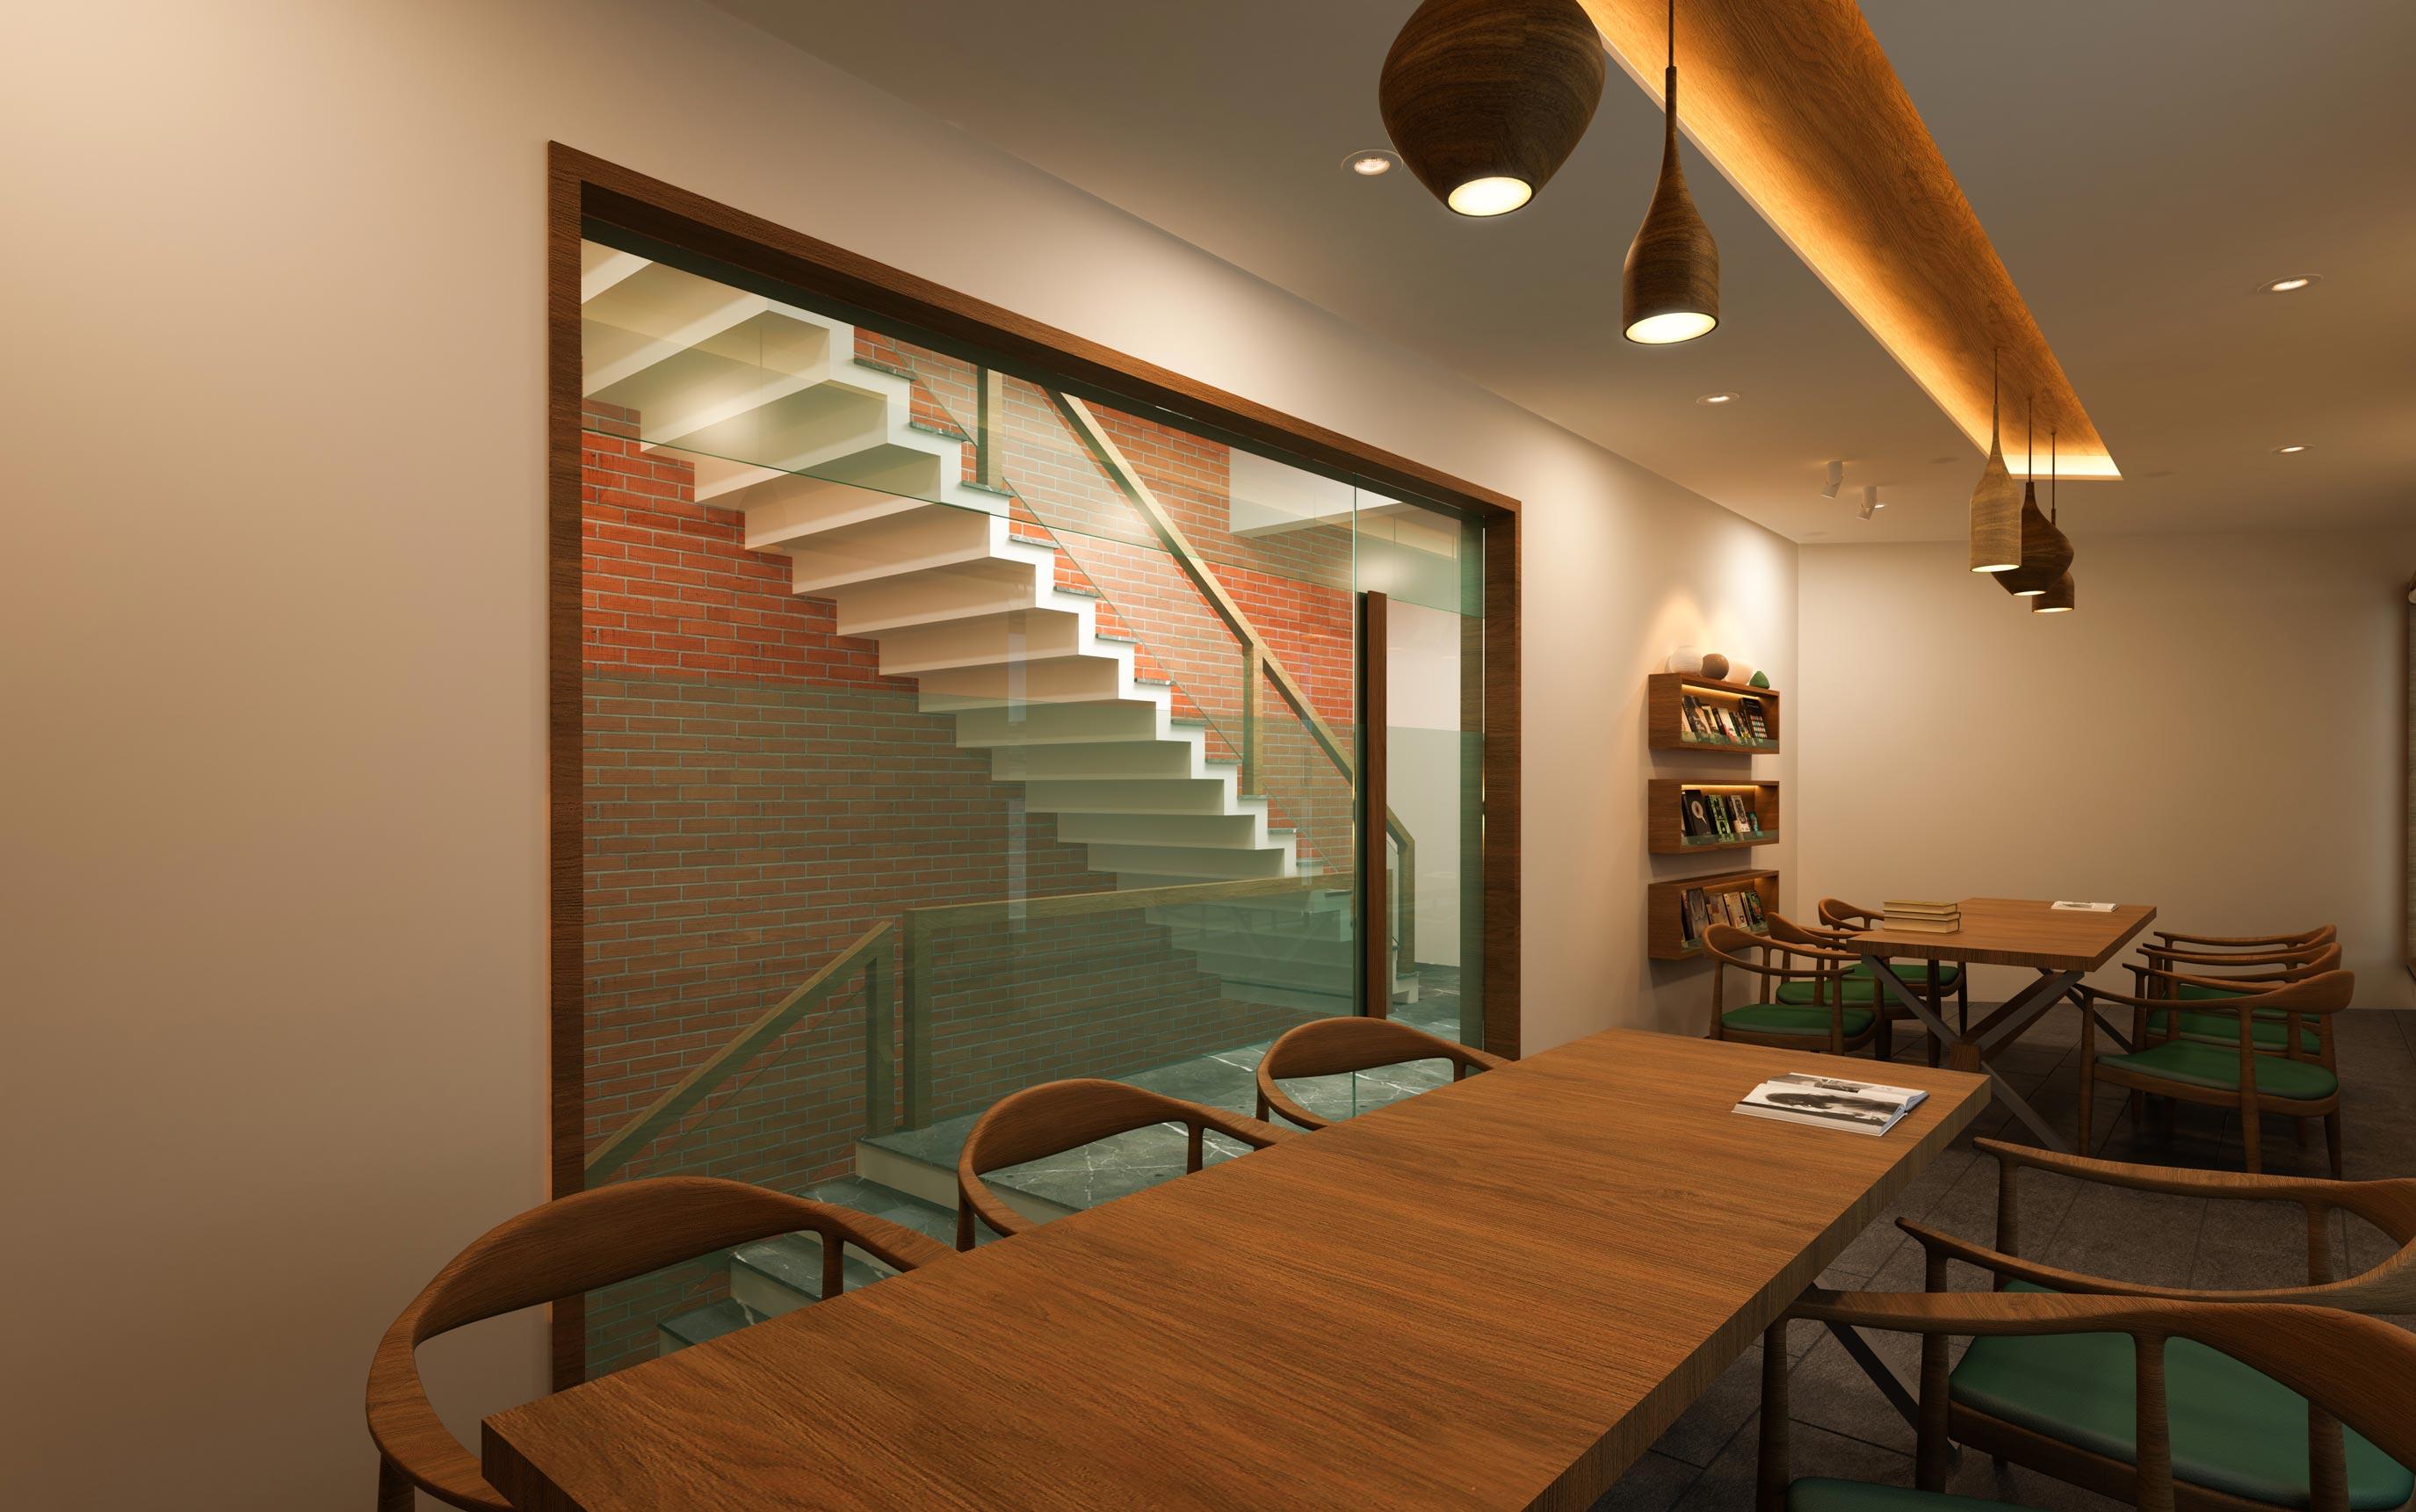 Rust design studio